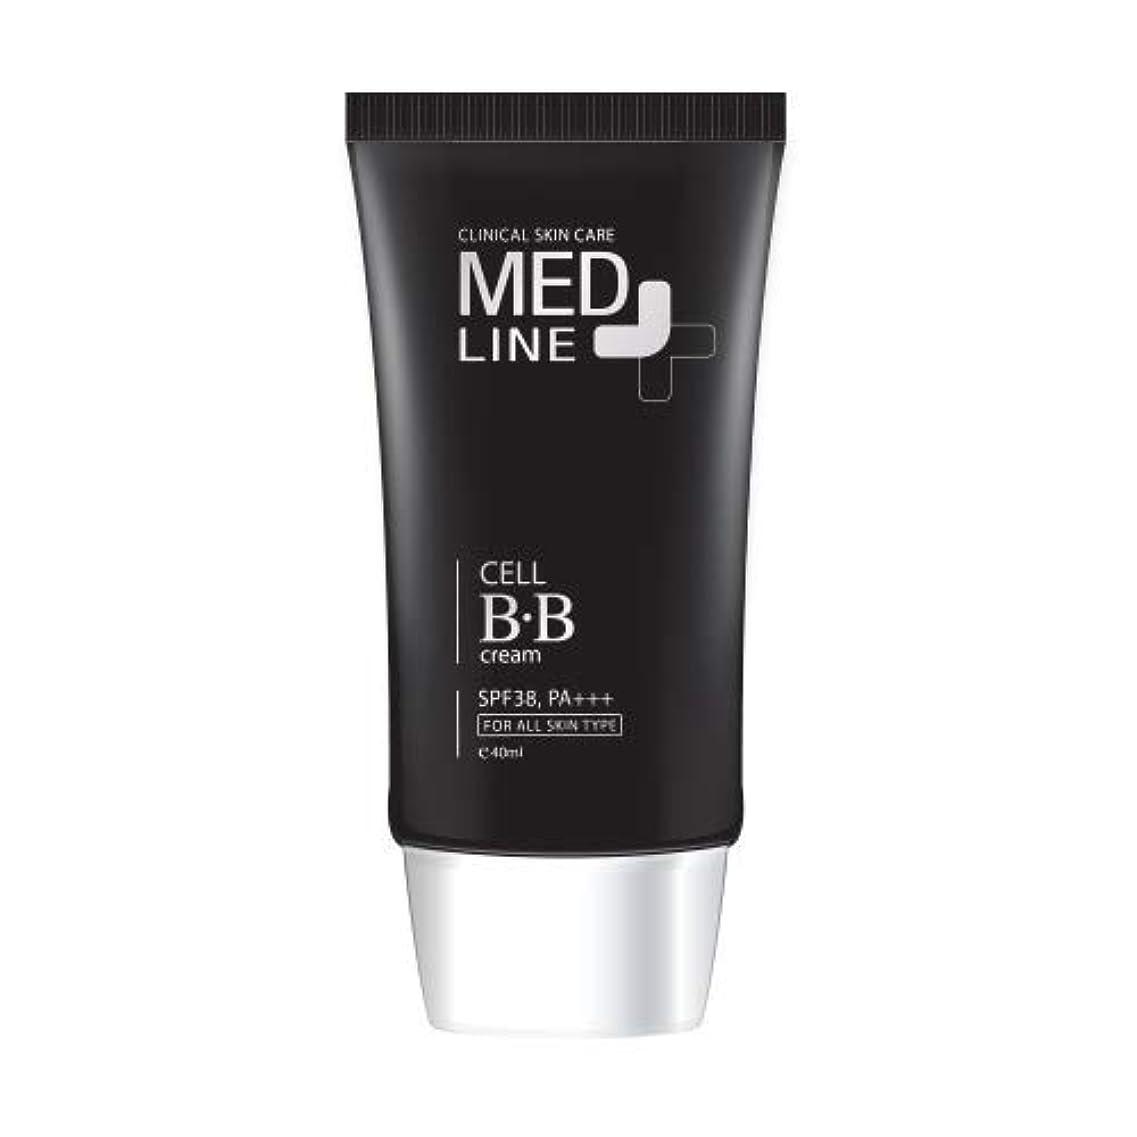 器具飢将来のメドライン(Med Line) セルBBクリーム(Cell B.B Cream)